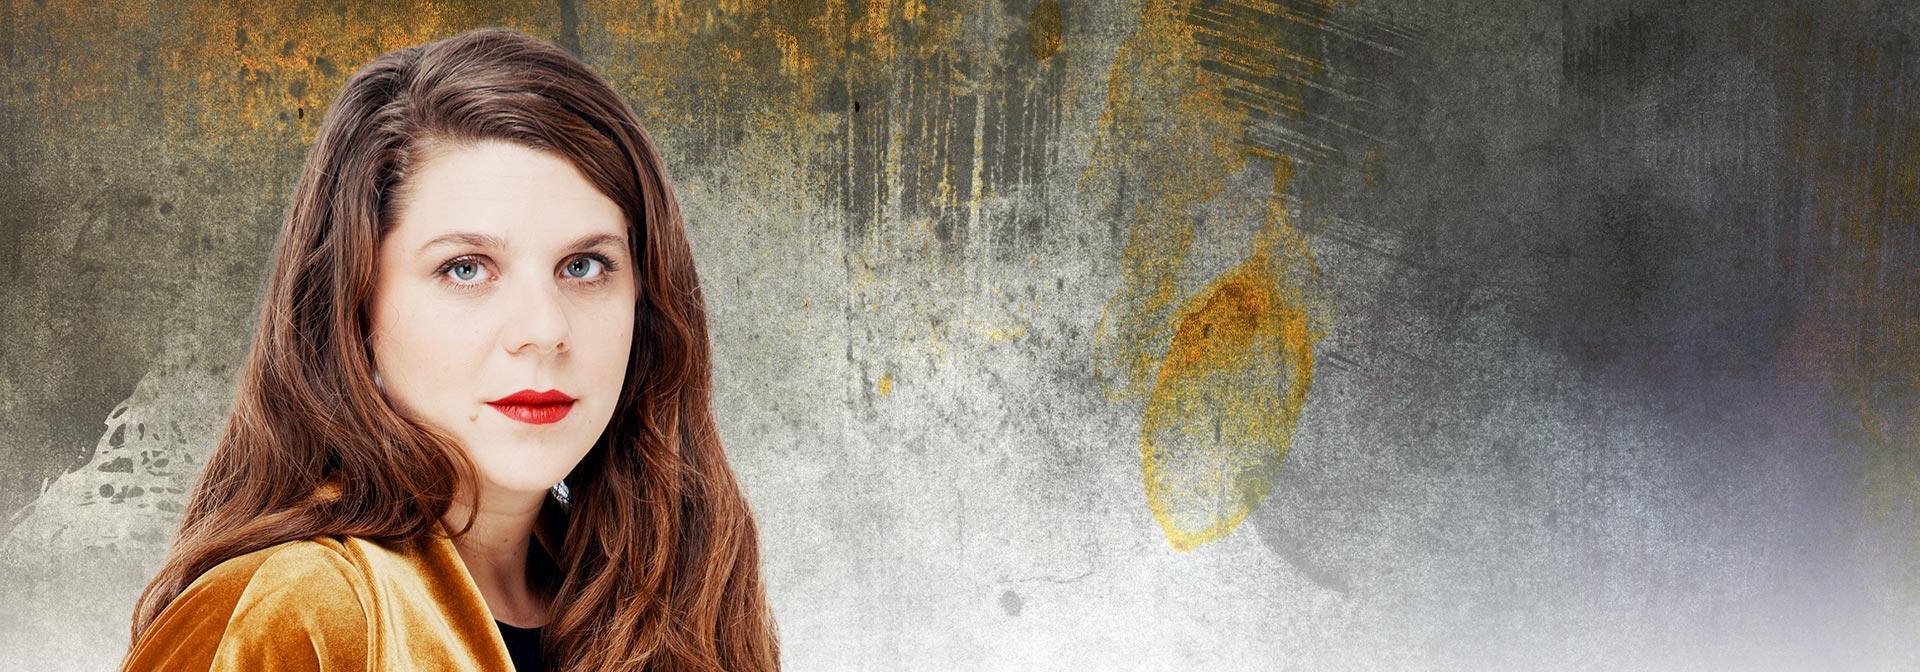 ליידי גלובס מציג: 20 האקטיביסטיות המשפיעות בישראל 2018 - דפני ליף / צילום: ענבל מרמרי